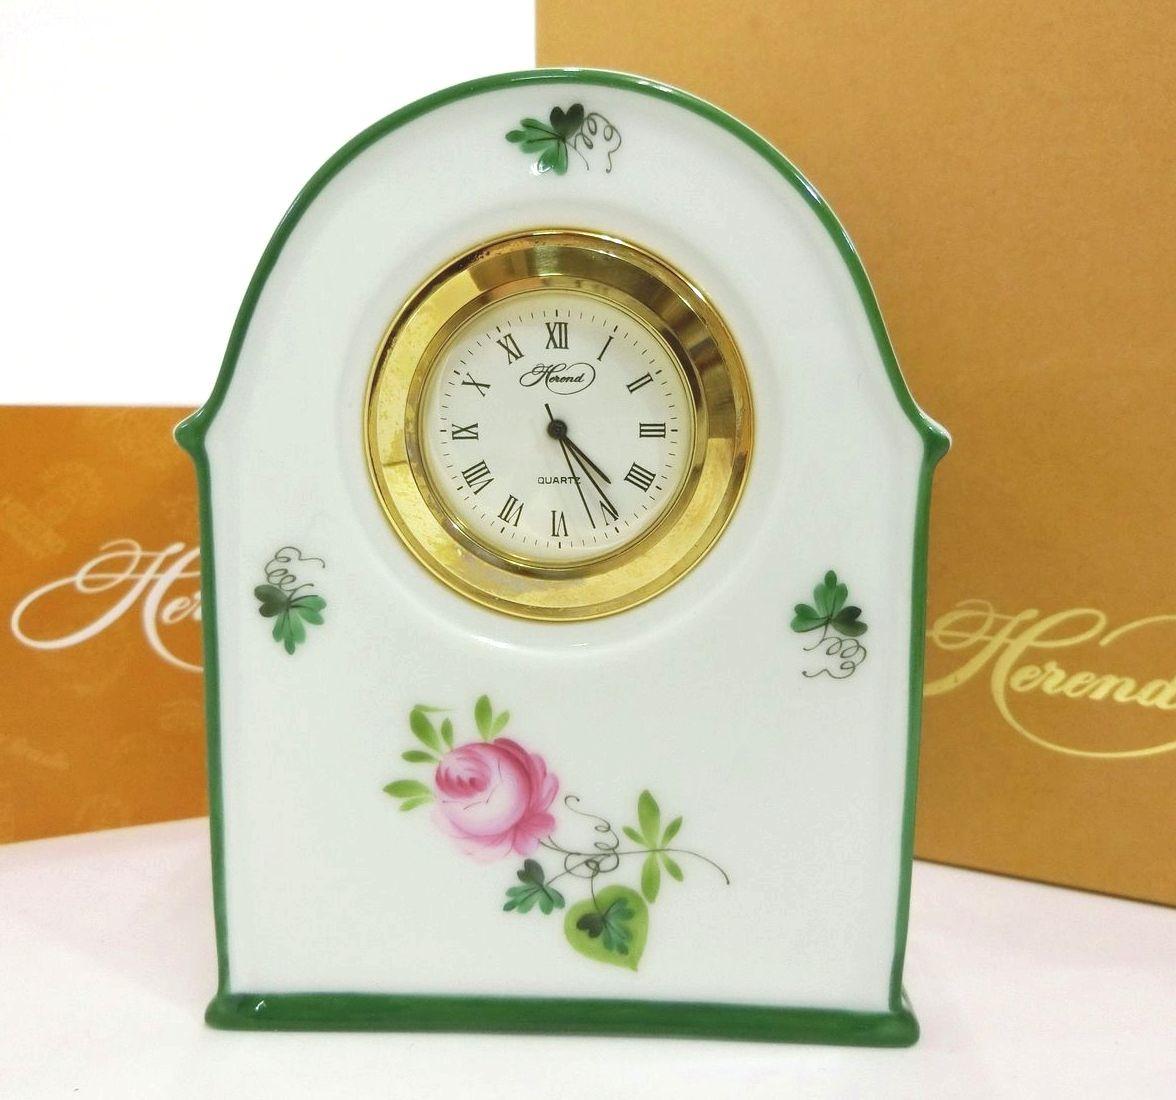 HEREND・ヘレンド ウィーンの薔薇 置時計 インテリア置物 スタンド式 動作確認・電池交換済み 未使用品 ブランド 12076